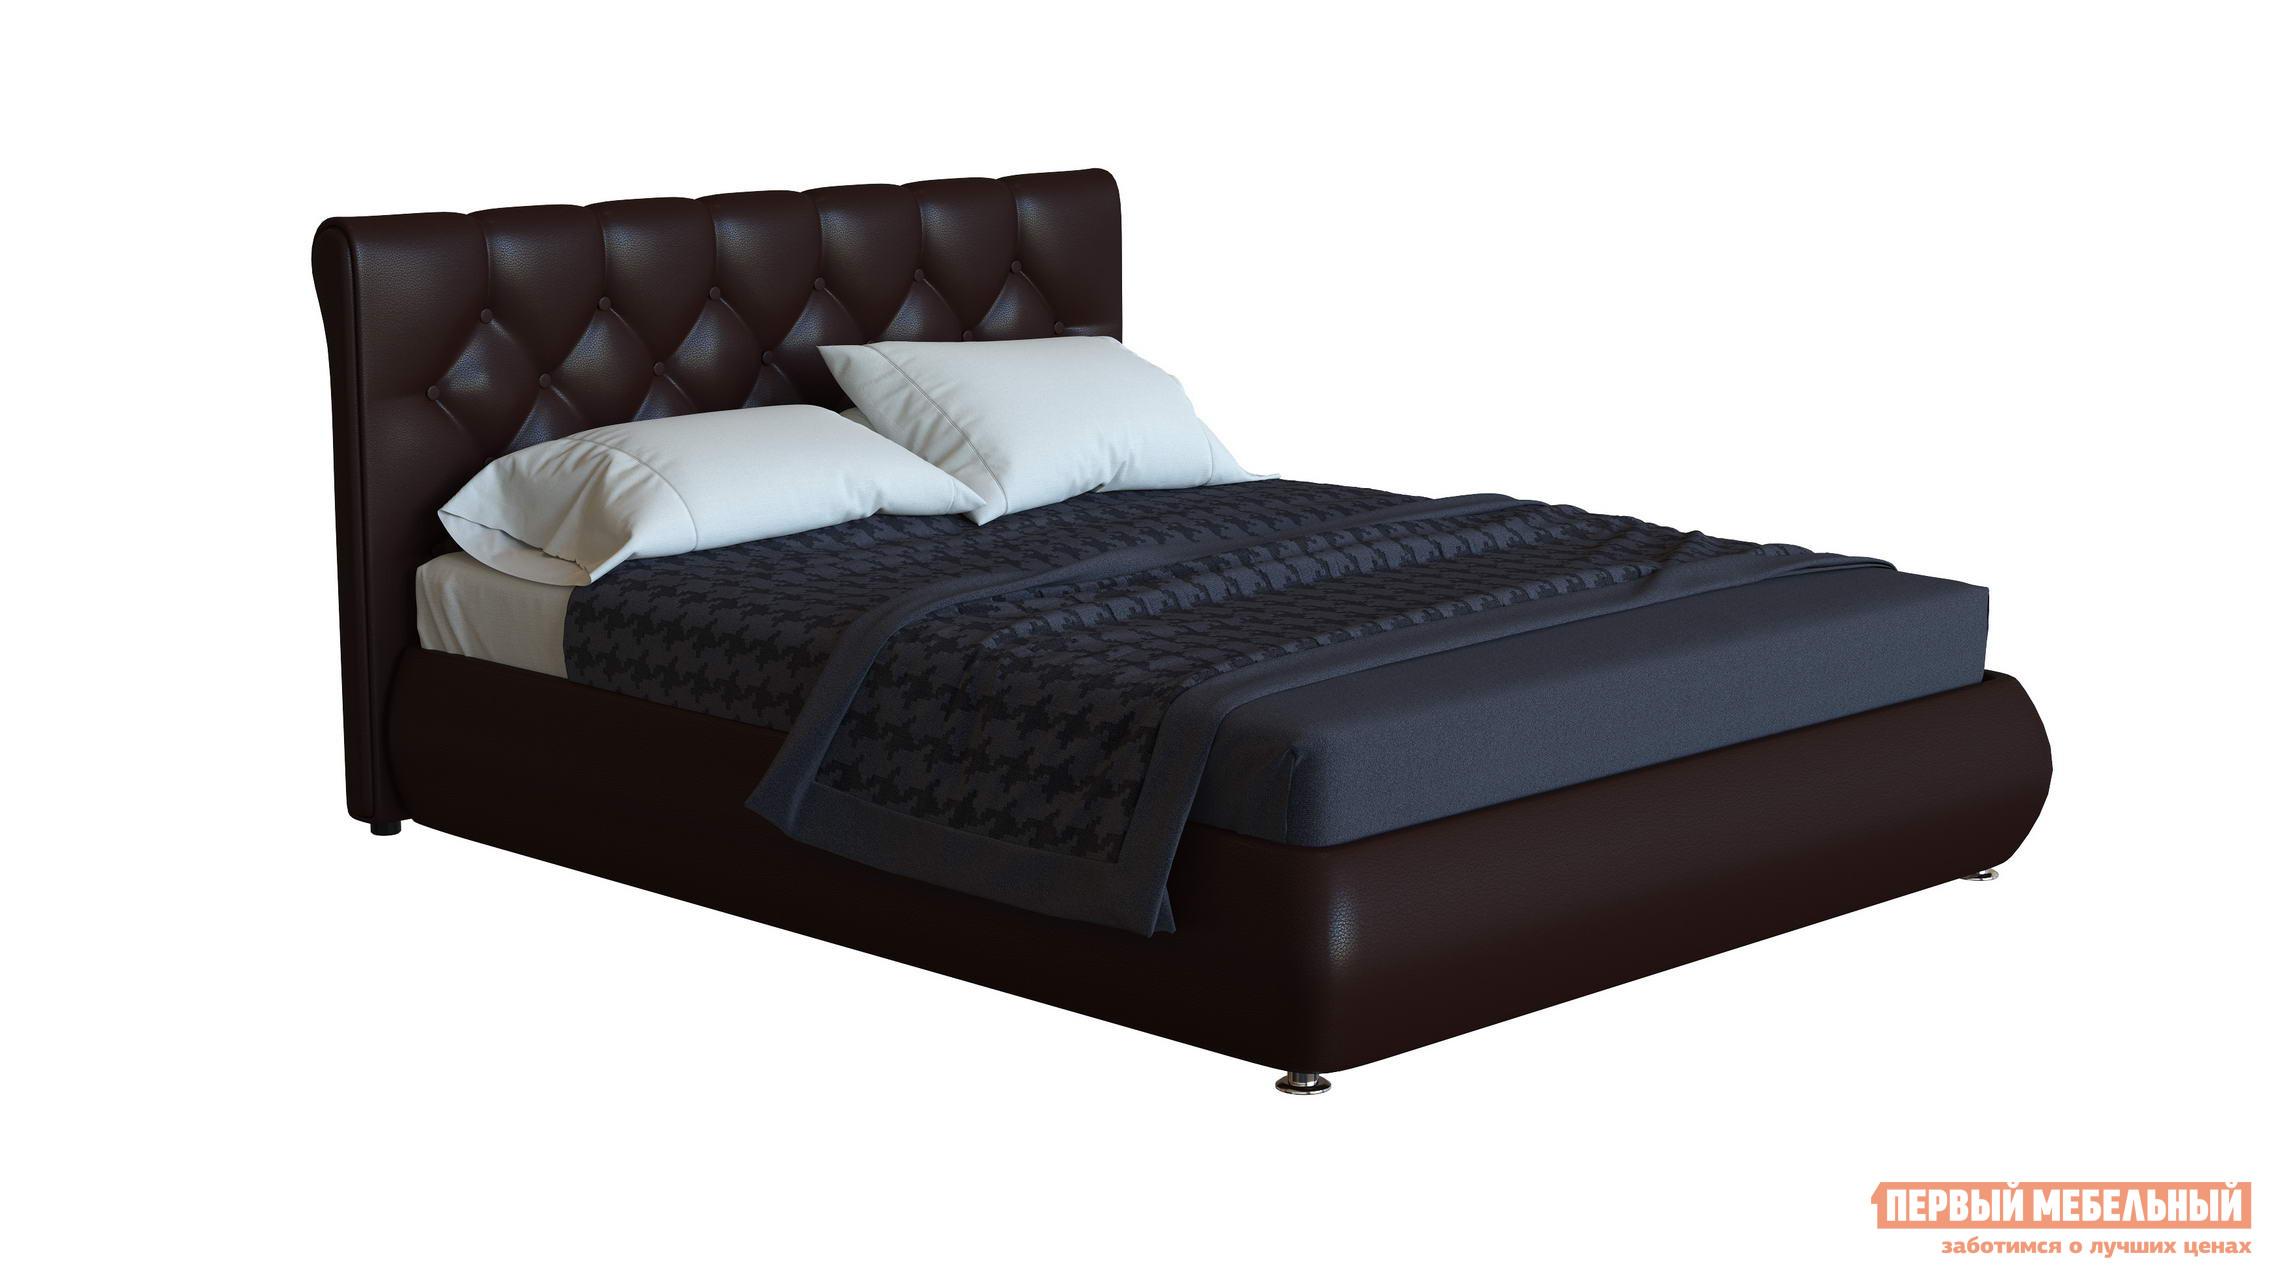 Двуспальная кровать с пуговицами Первый Мебельный Кровать Джейн декор пуговицы 140х200, 160х200, 180х200 кровать амели 180х200